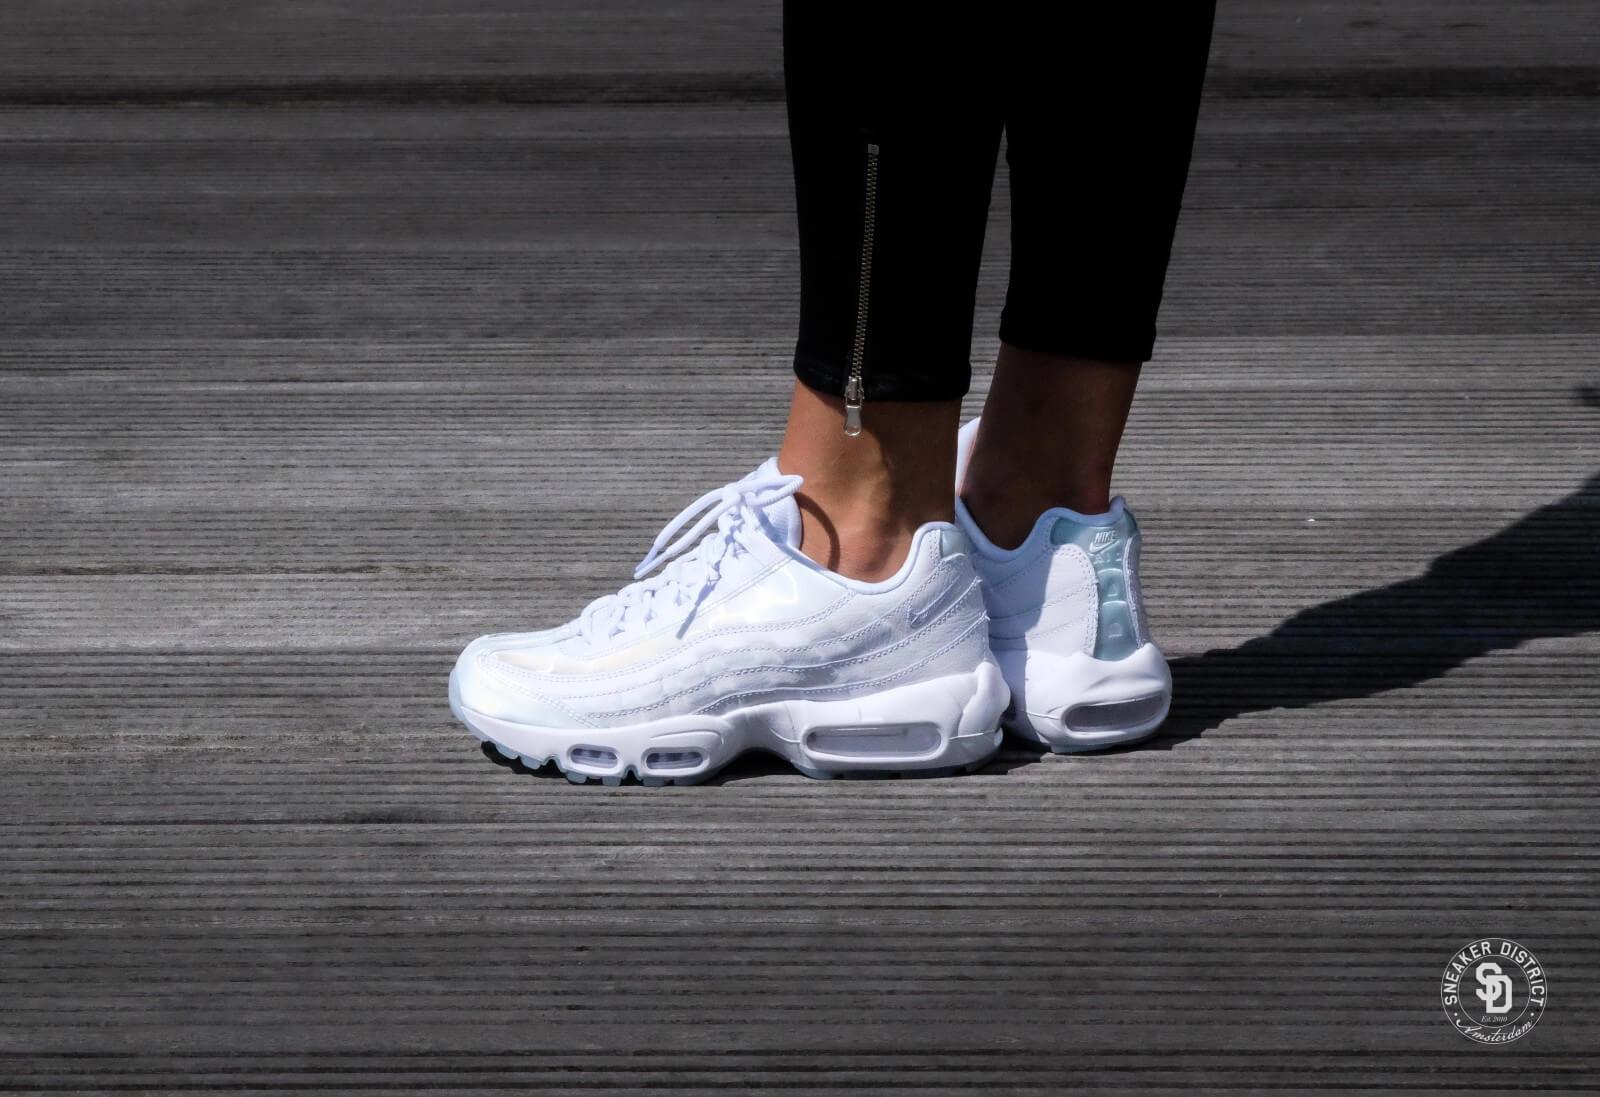 Nike WMNS Air Max 95 SE White/Pure